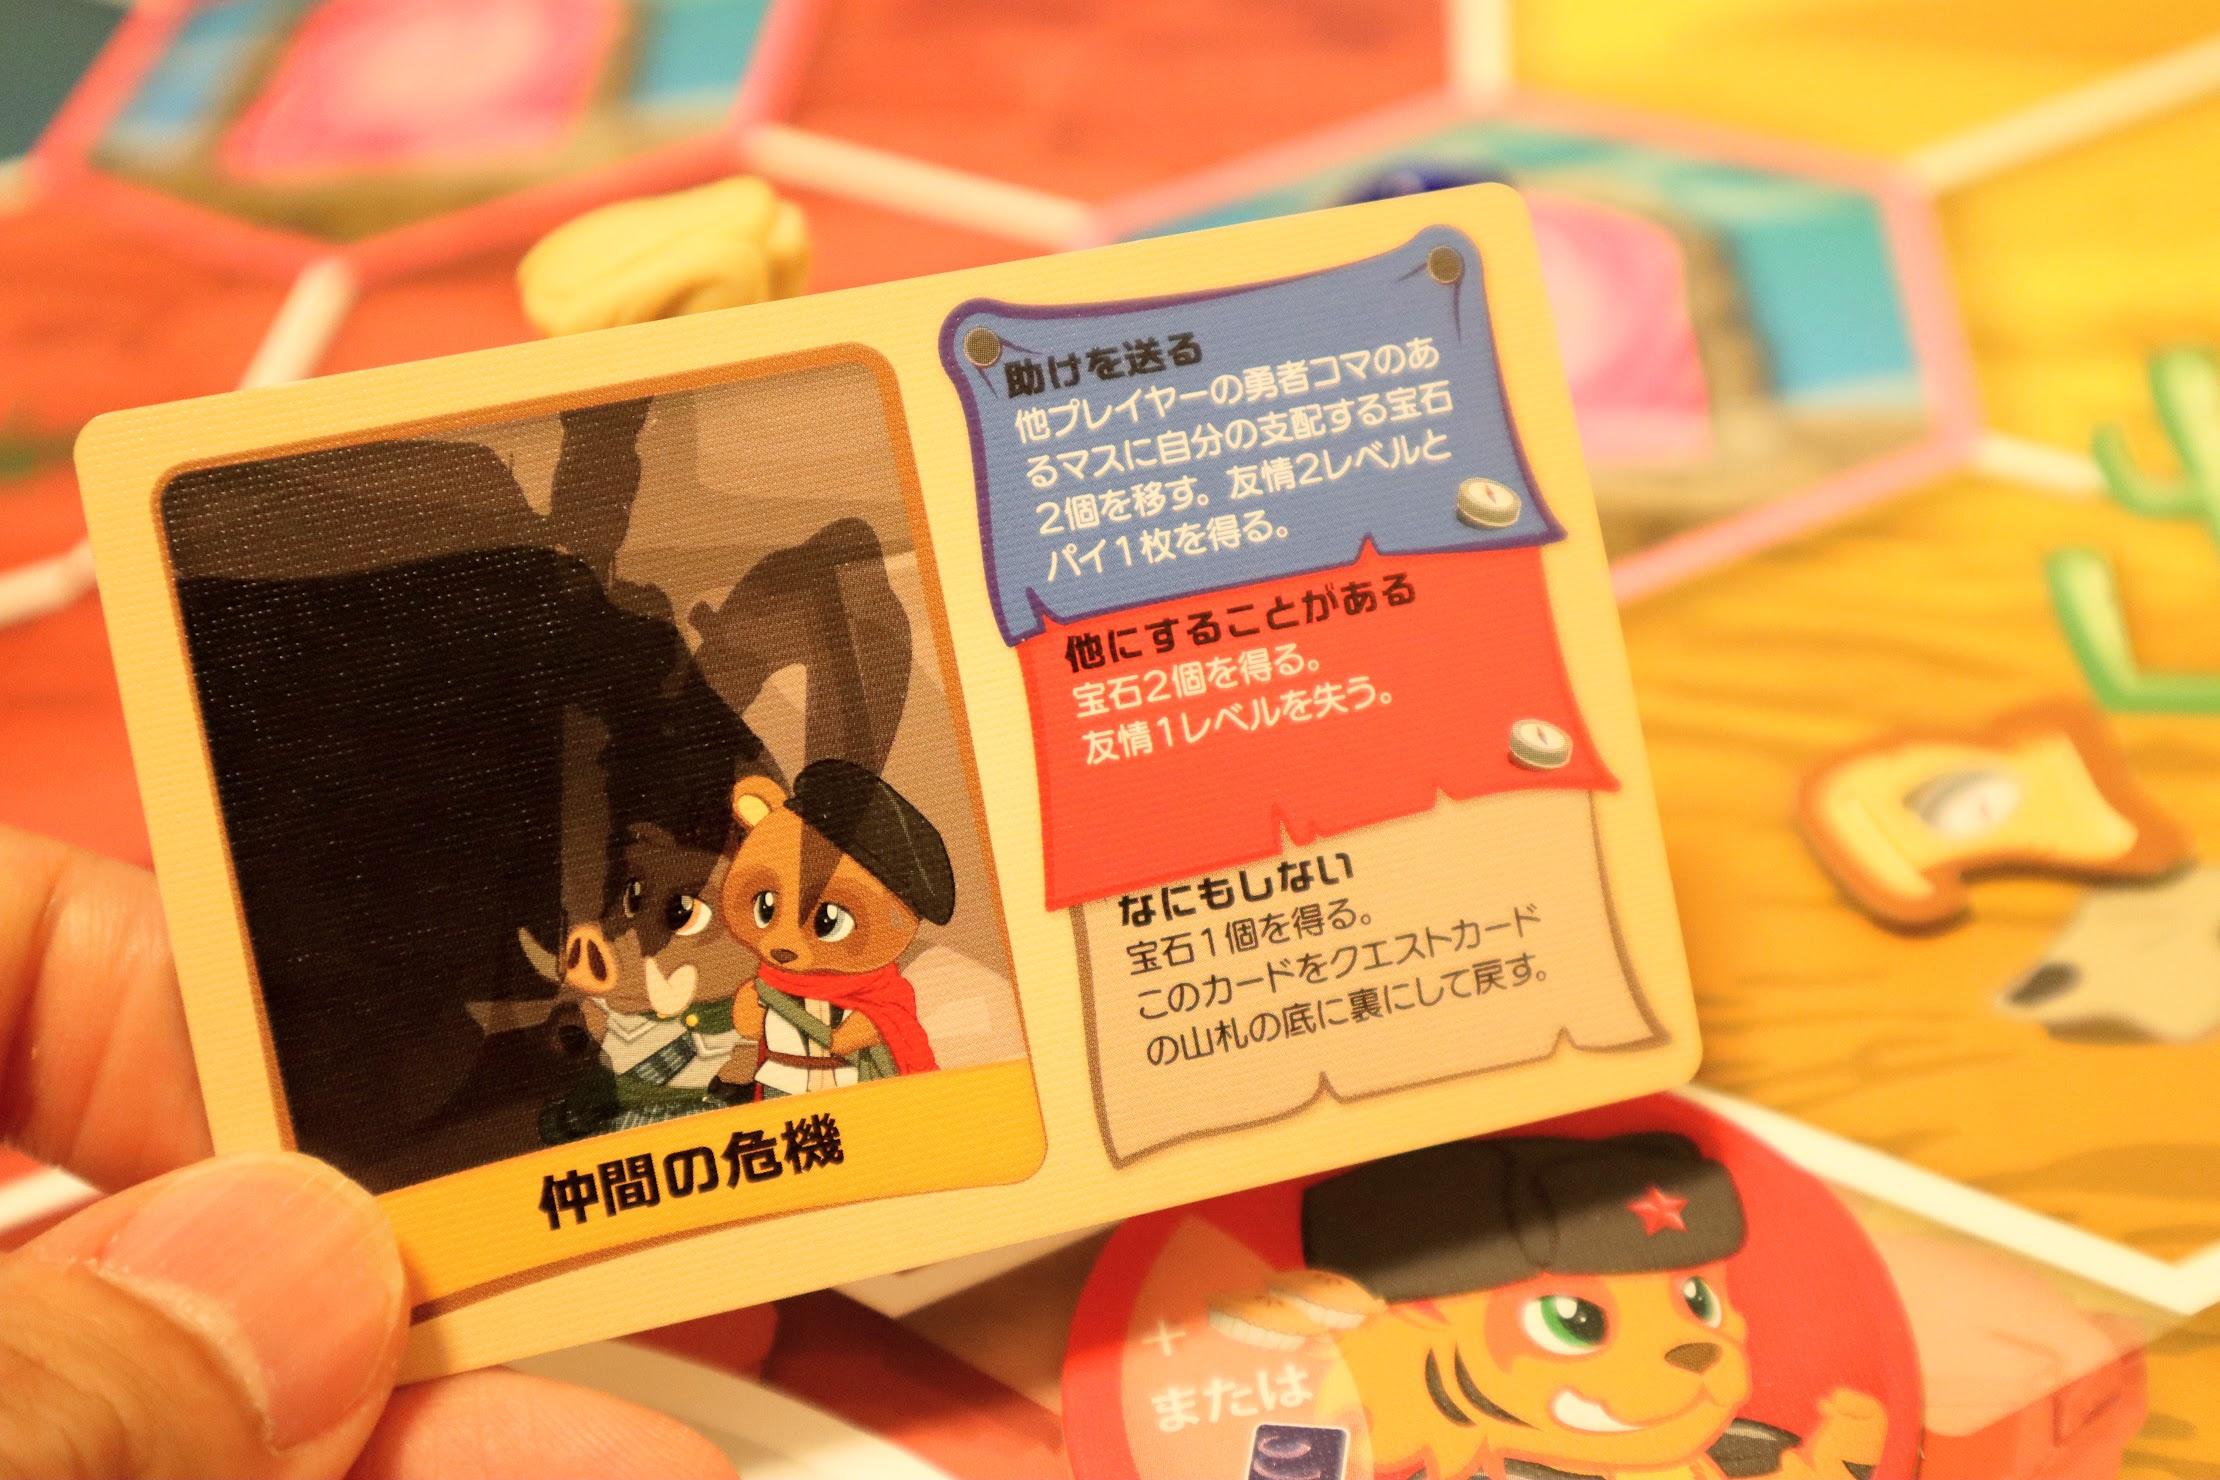 クエストカード:マイ・リトル・サイズ